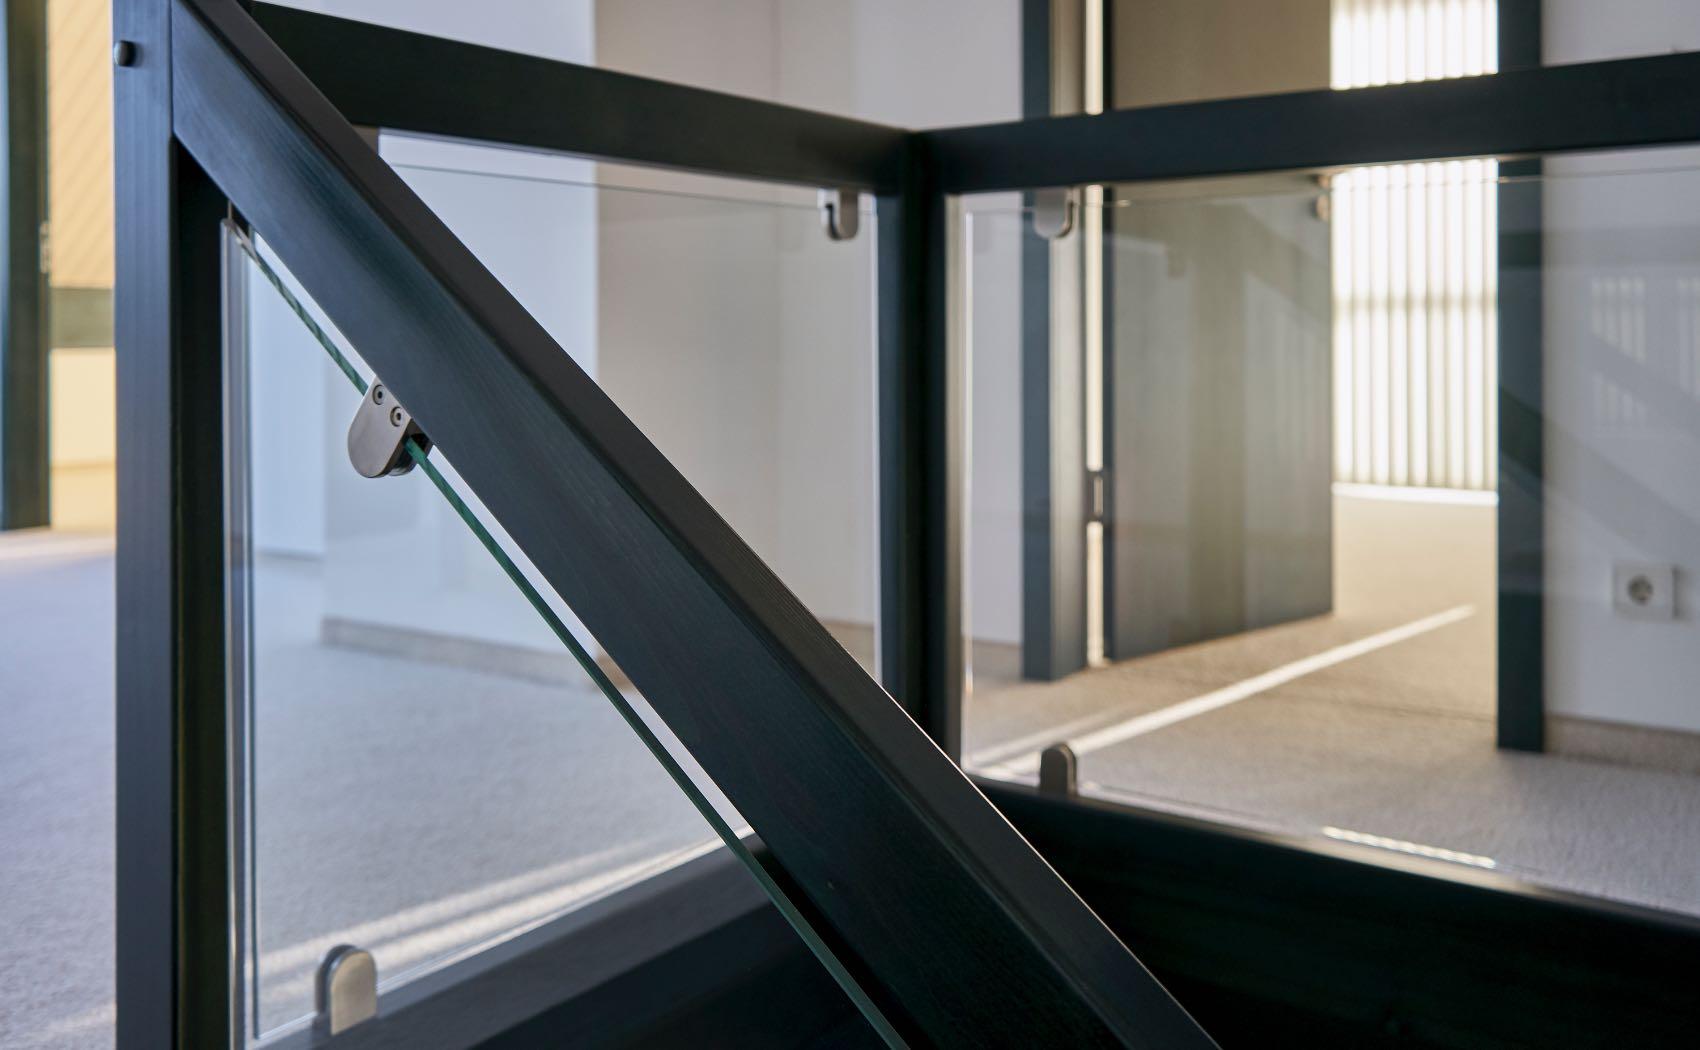 Treppengeländer aus Holz und Glas